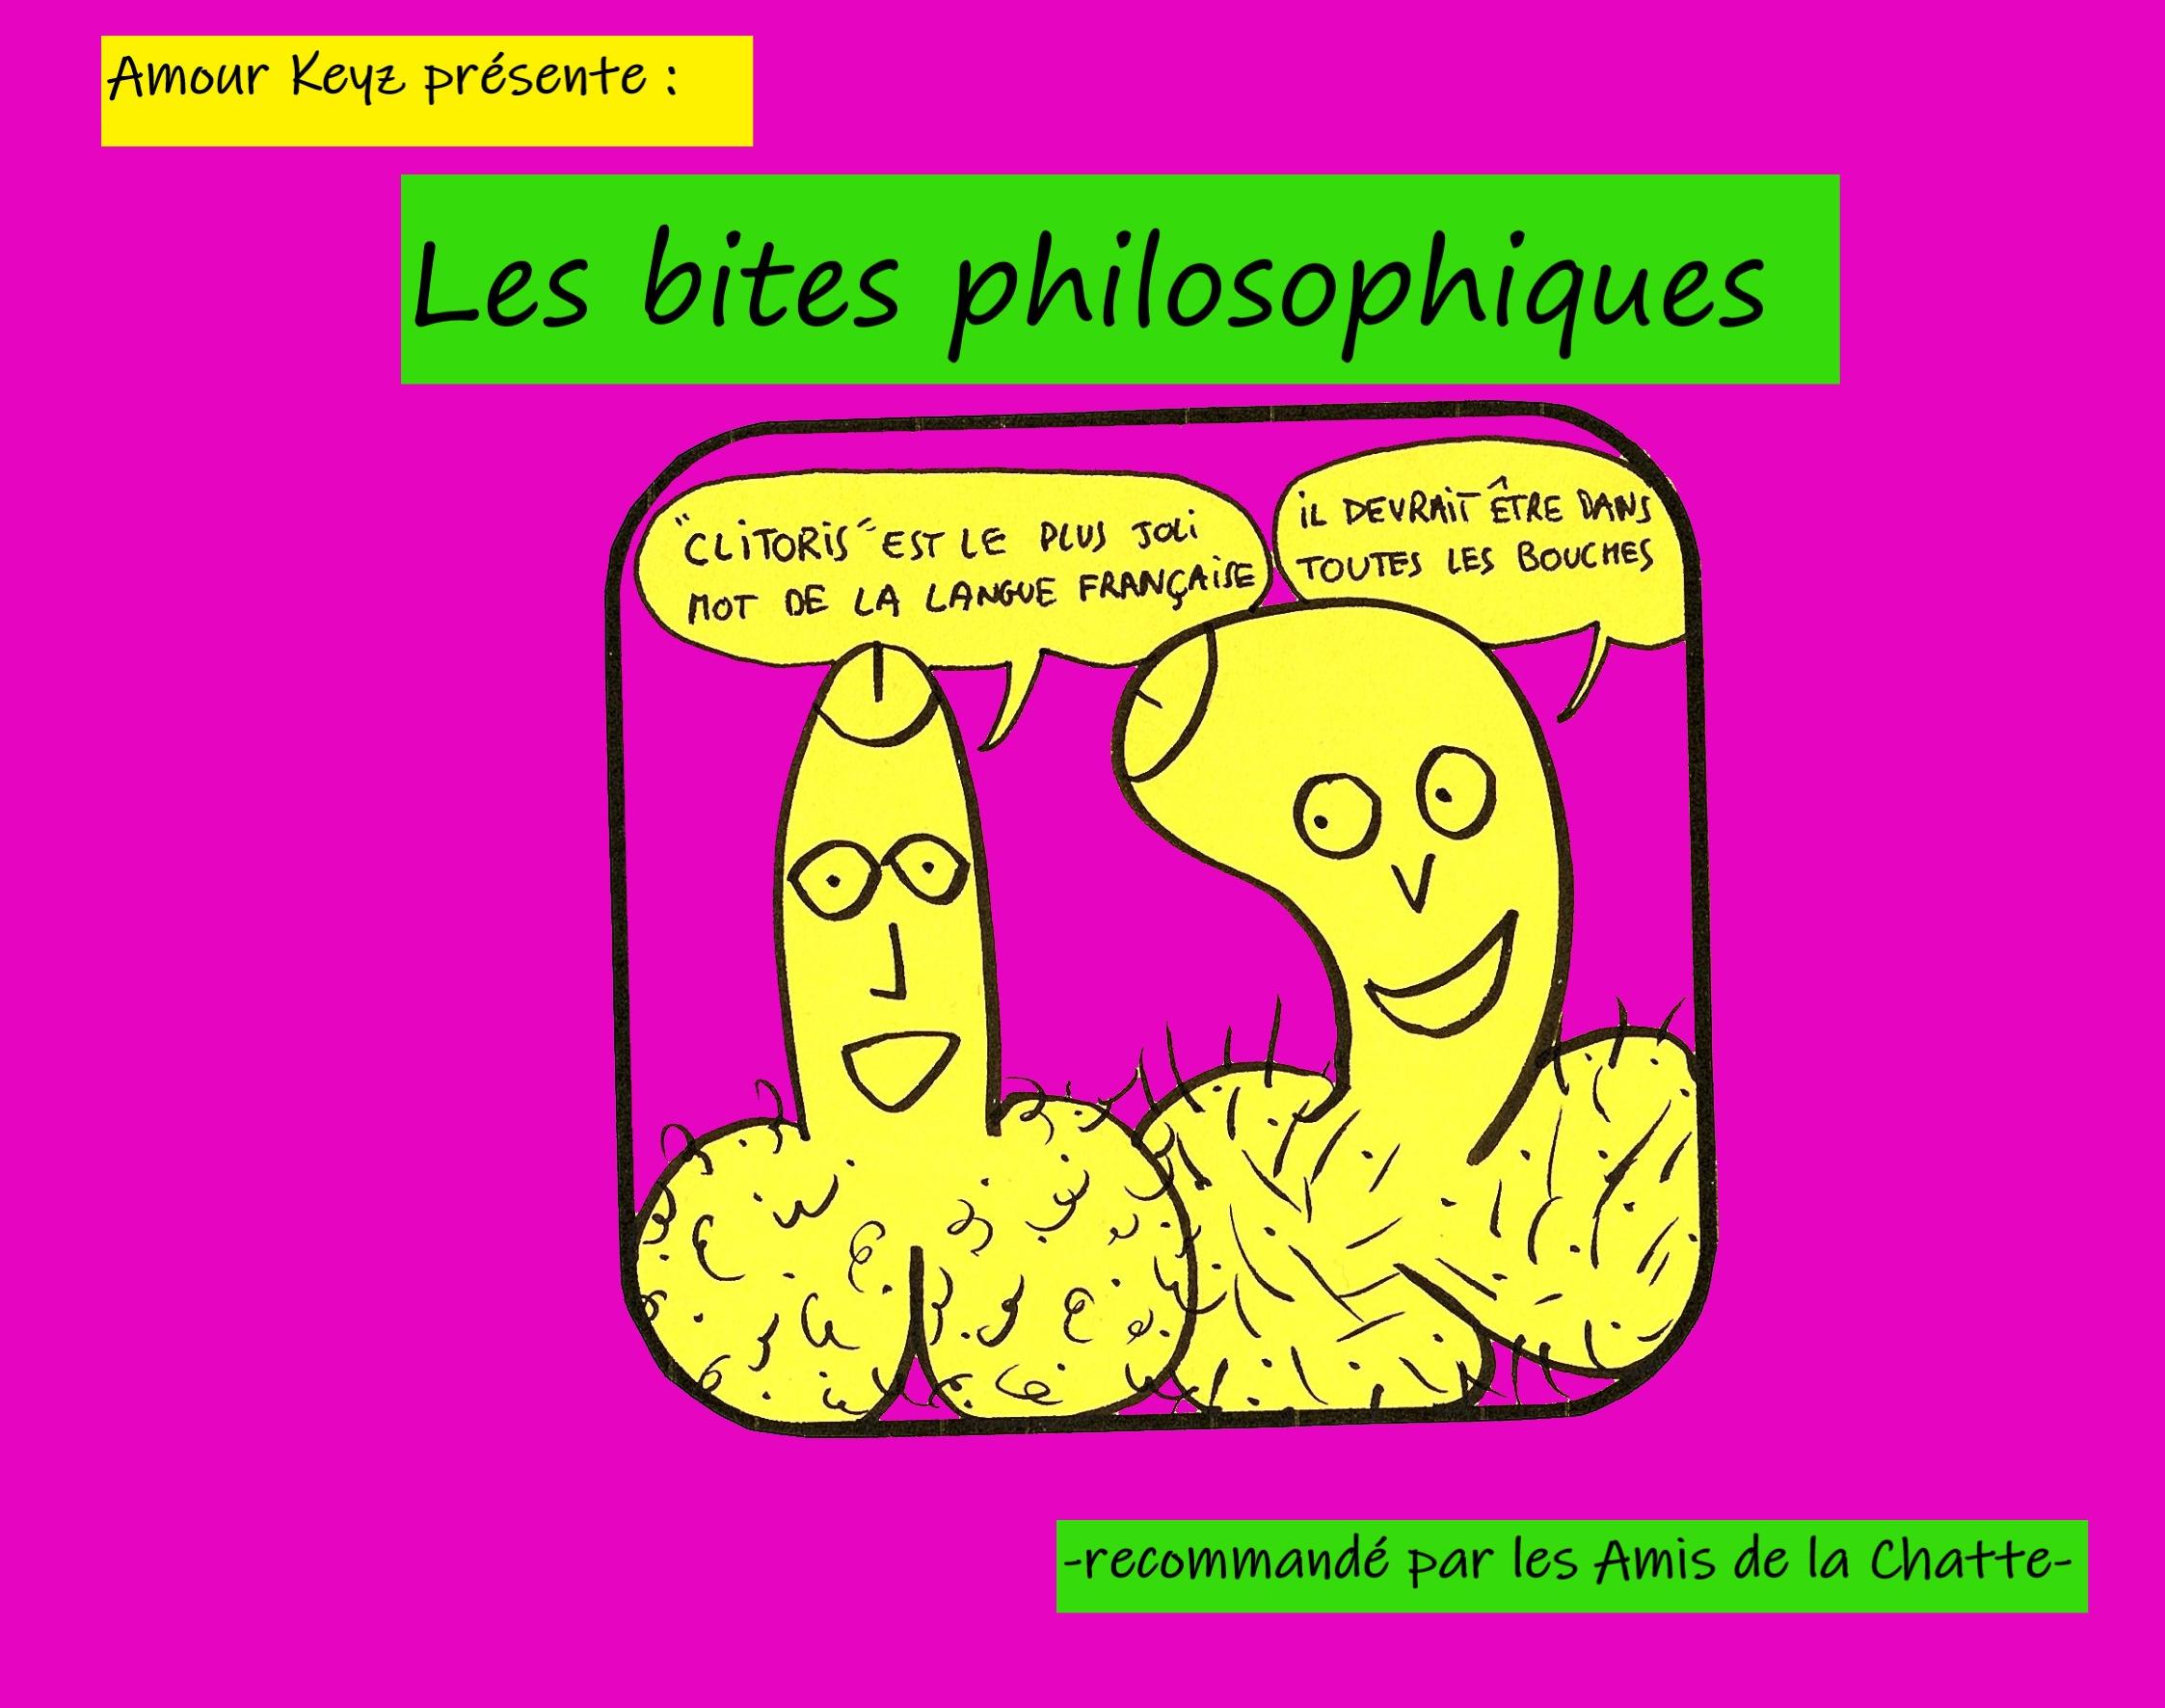 Les bites philosophiques